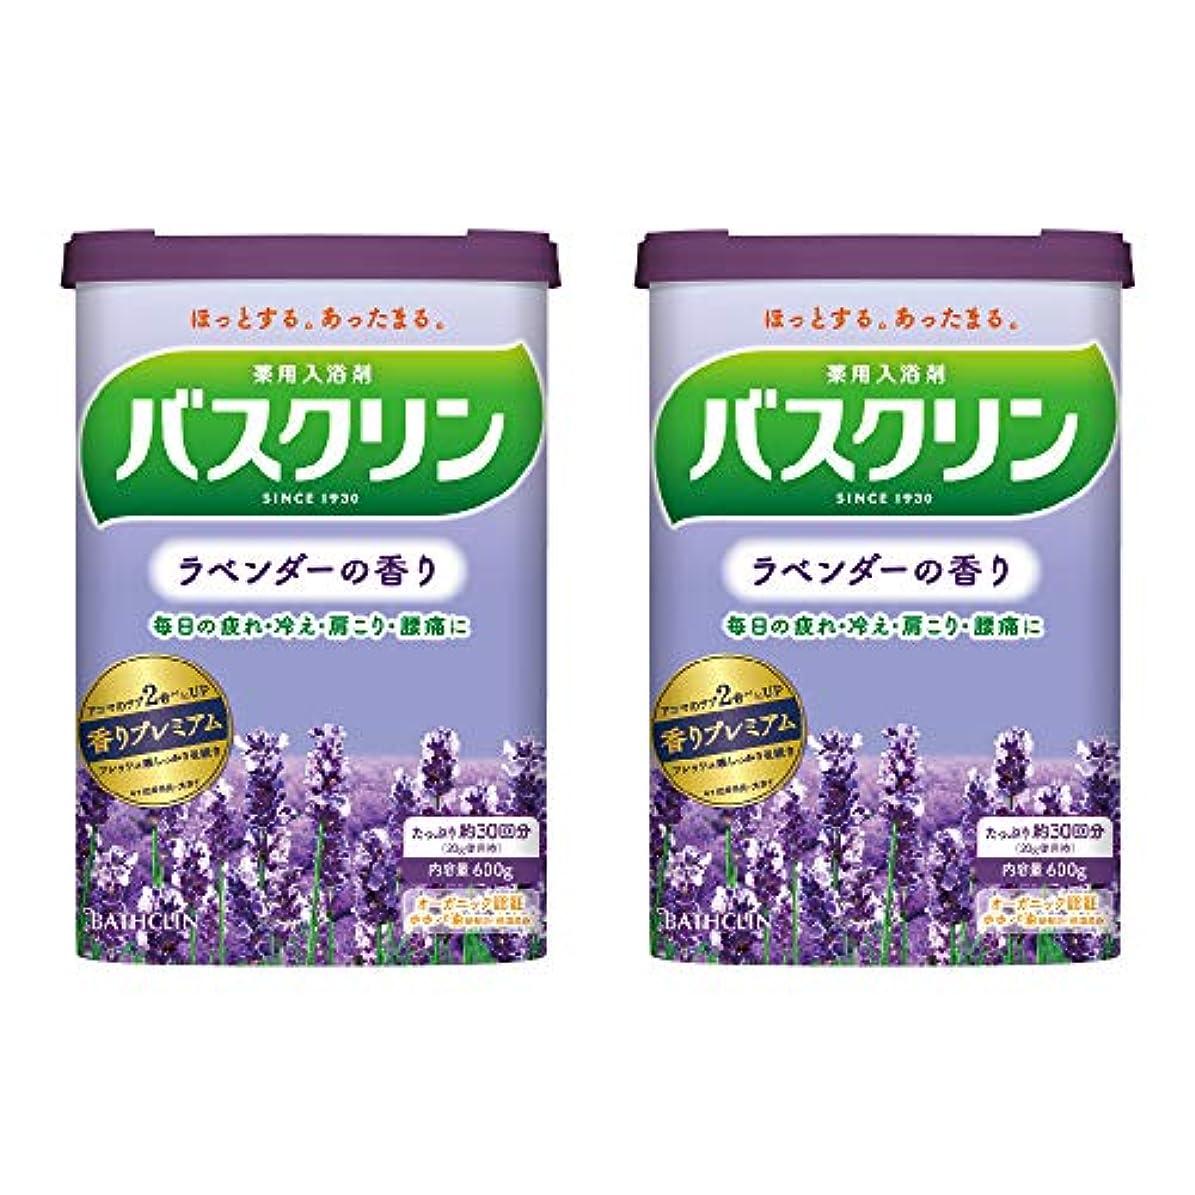 宿存在引退した【まとめ買い】【医薬部外品】バスクリンラベンダーの香り600g入浴剤(約30回分)×2個